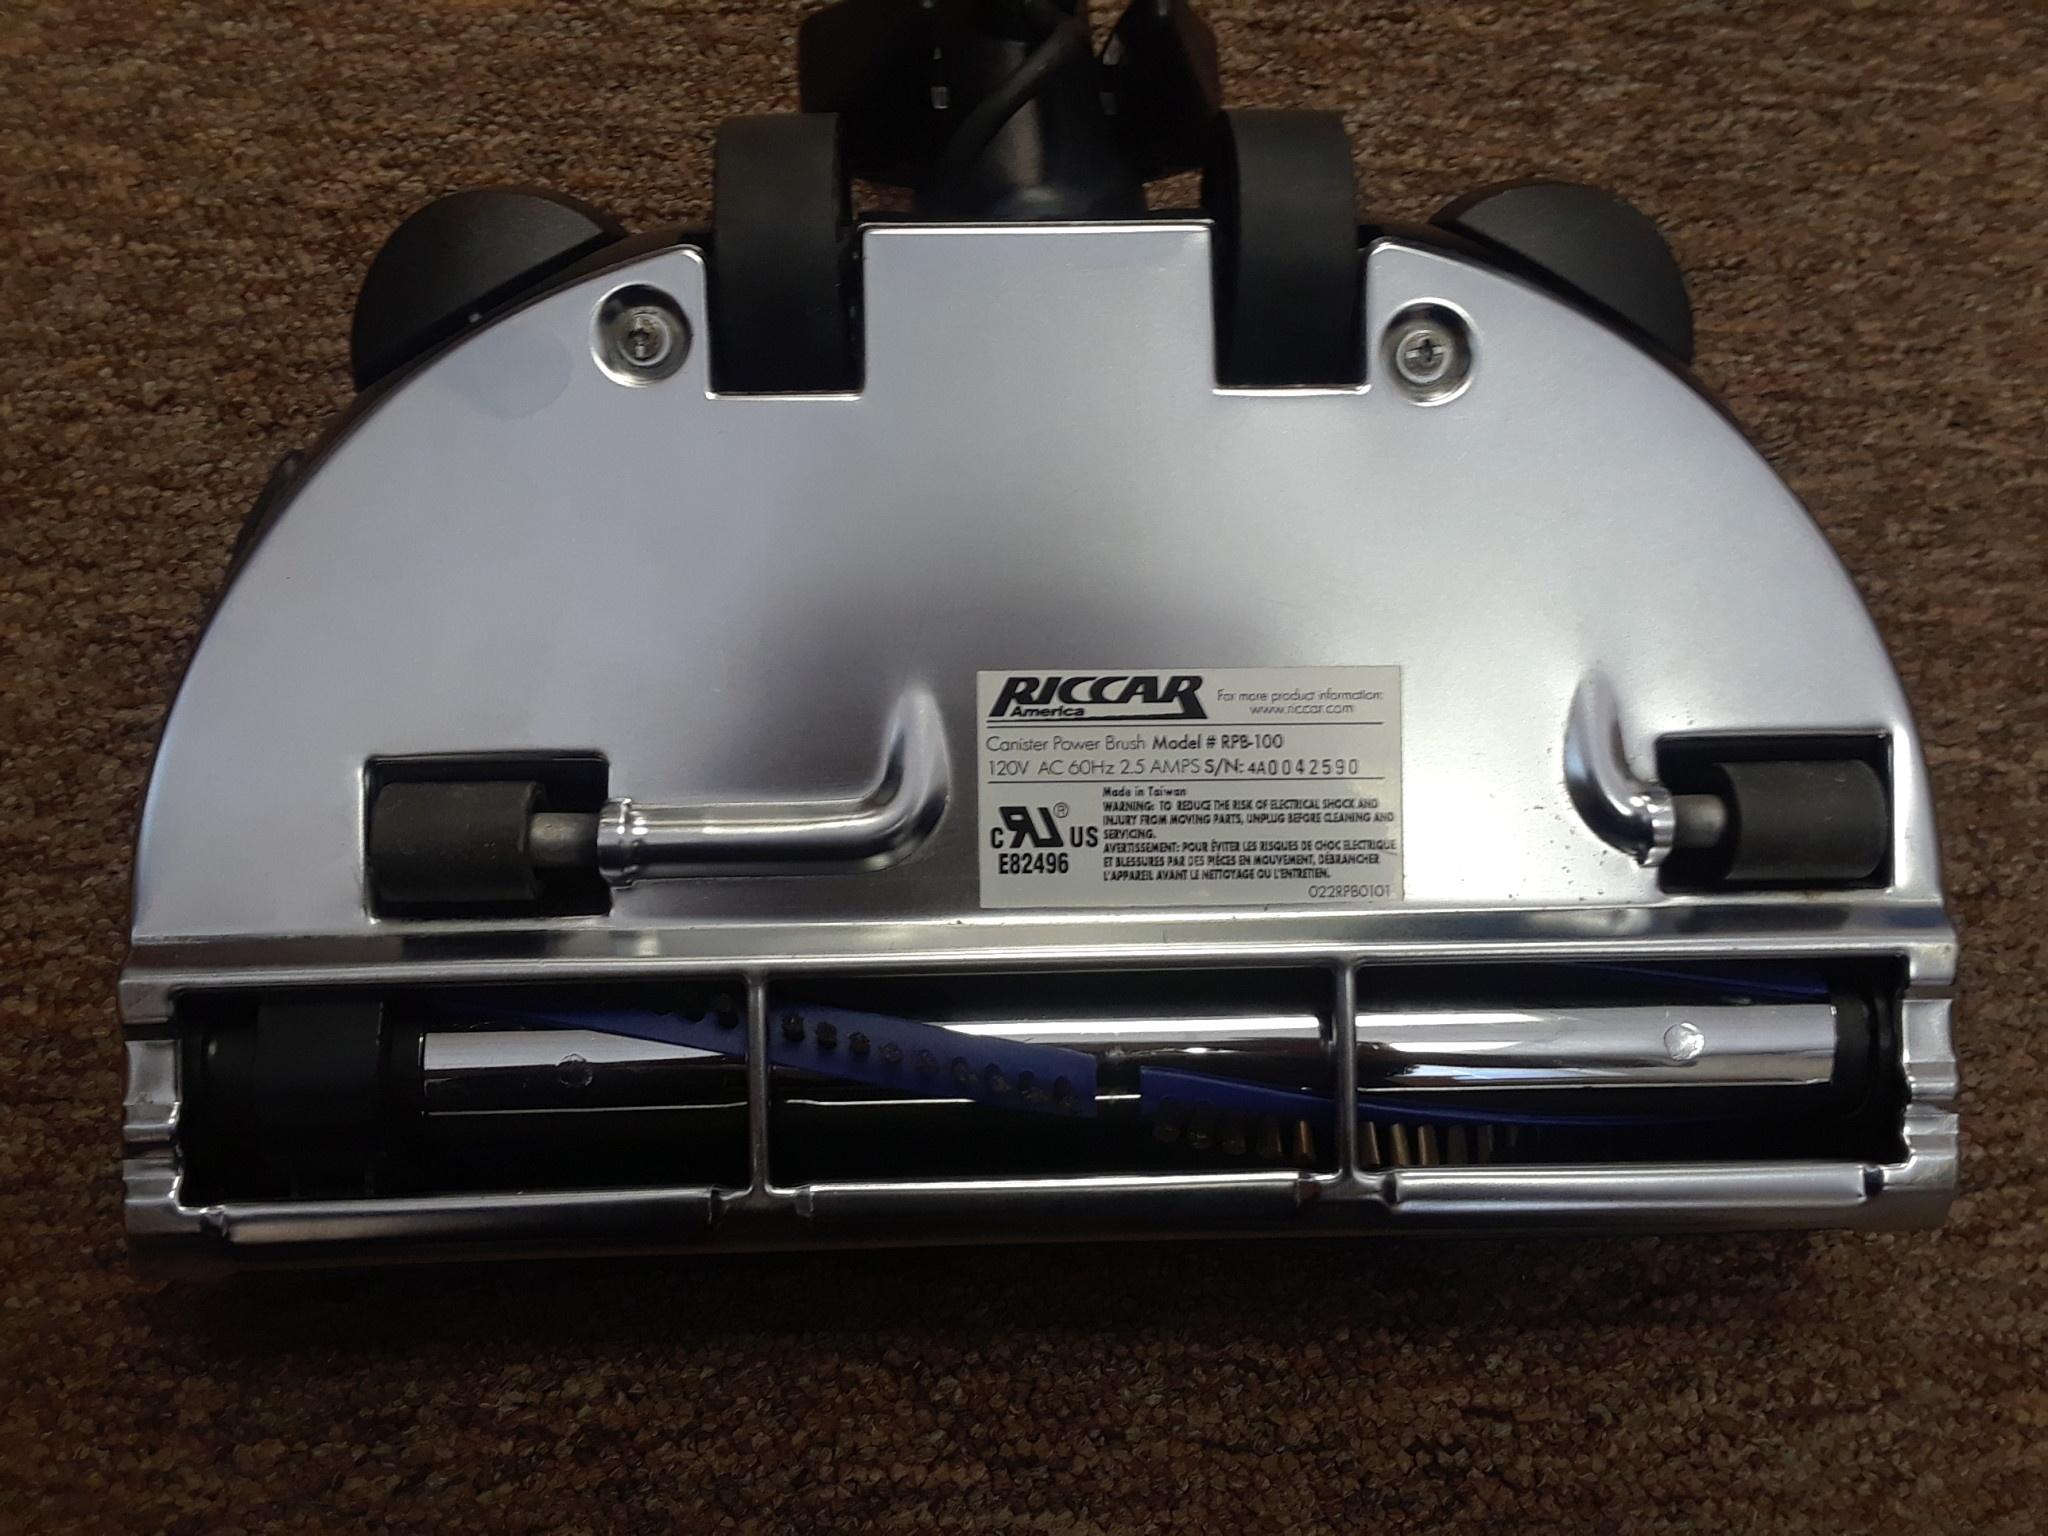 Riccar Refurbished Riccar RPB-100 PN - 4A0042590